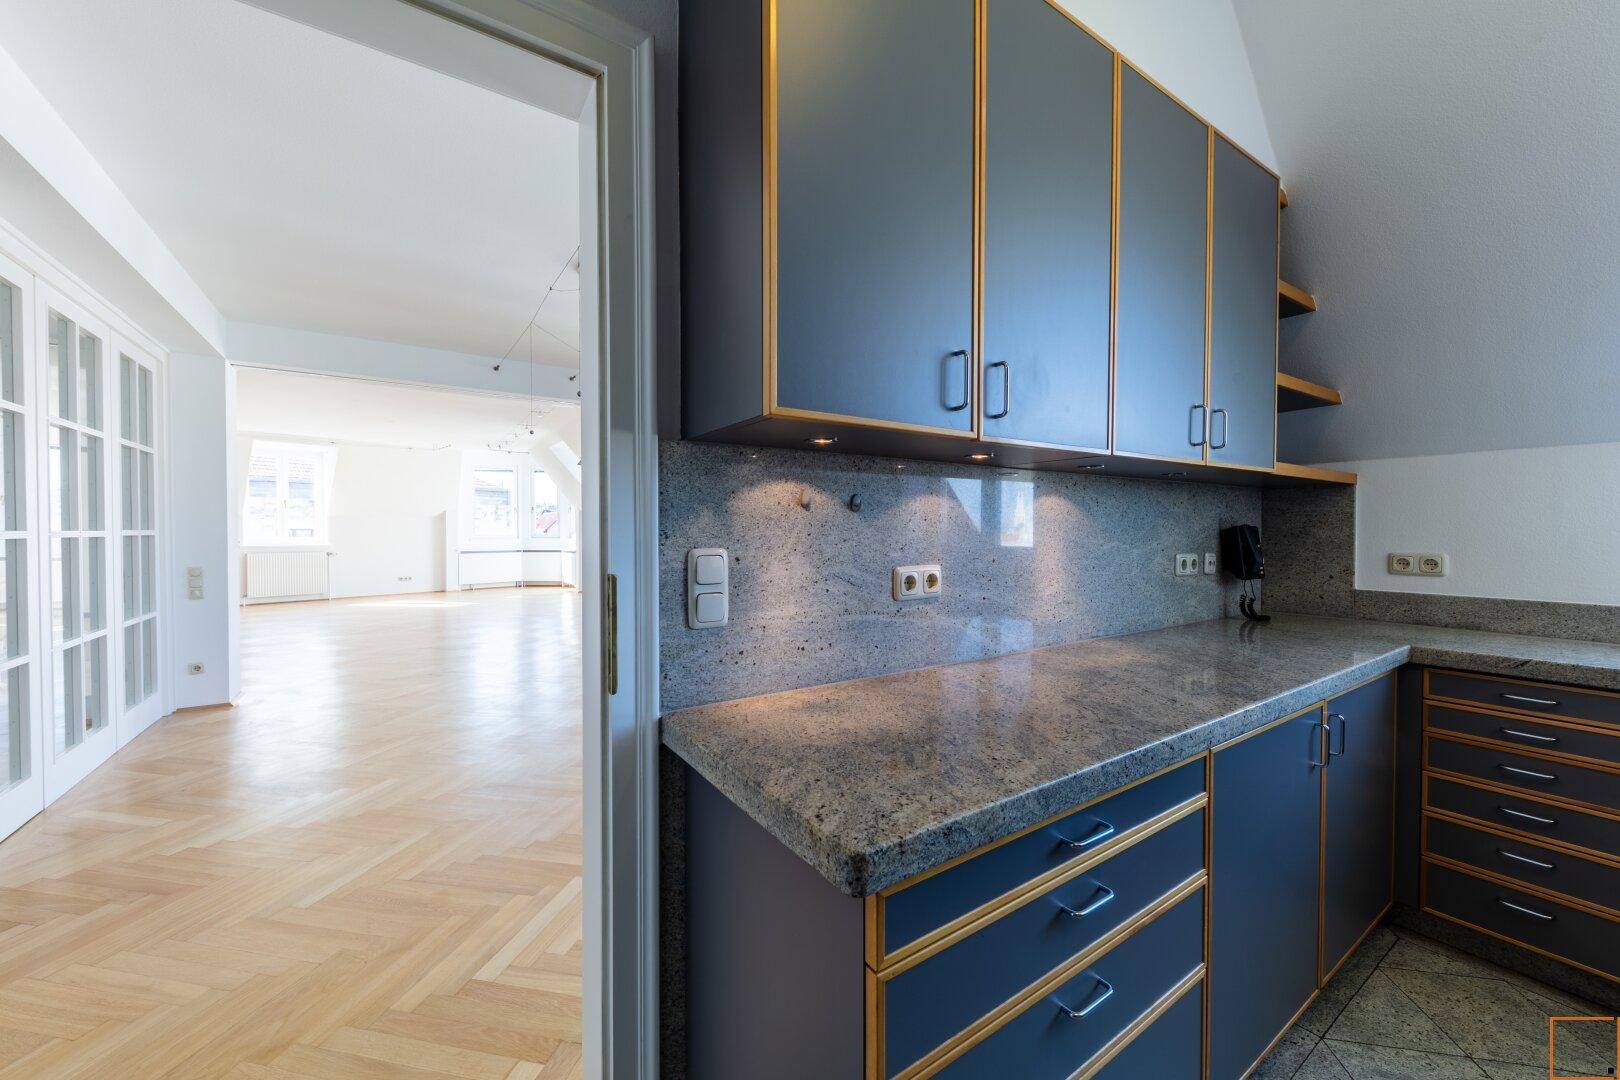 Blick von der Küche in den Wohnsalon